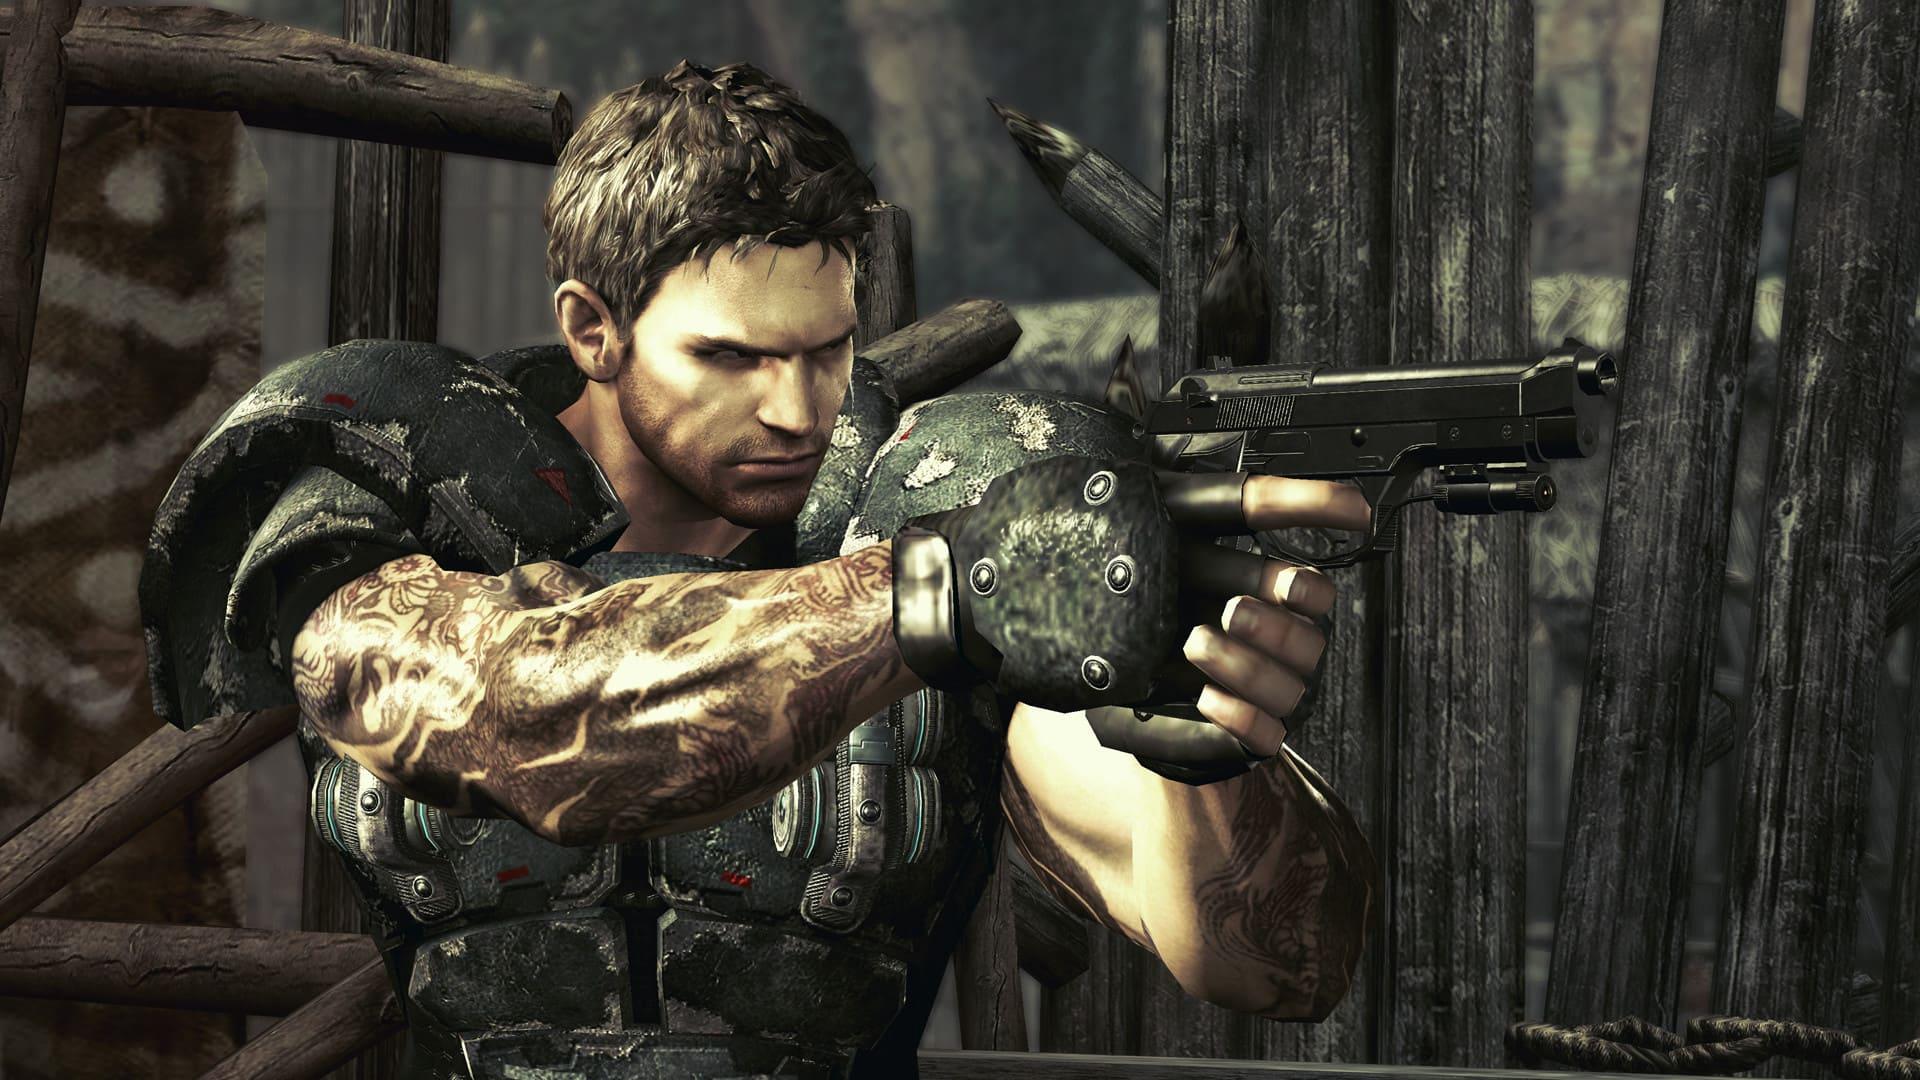 Распродажа вPSStore: Resident Evil, Final Fantasy идругие японские игры отдают соскидками